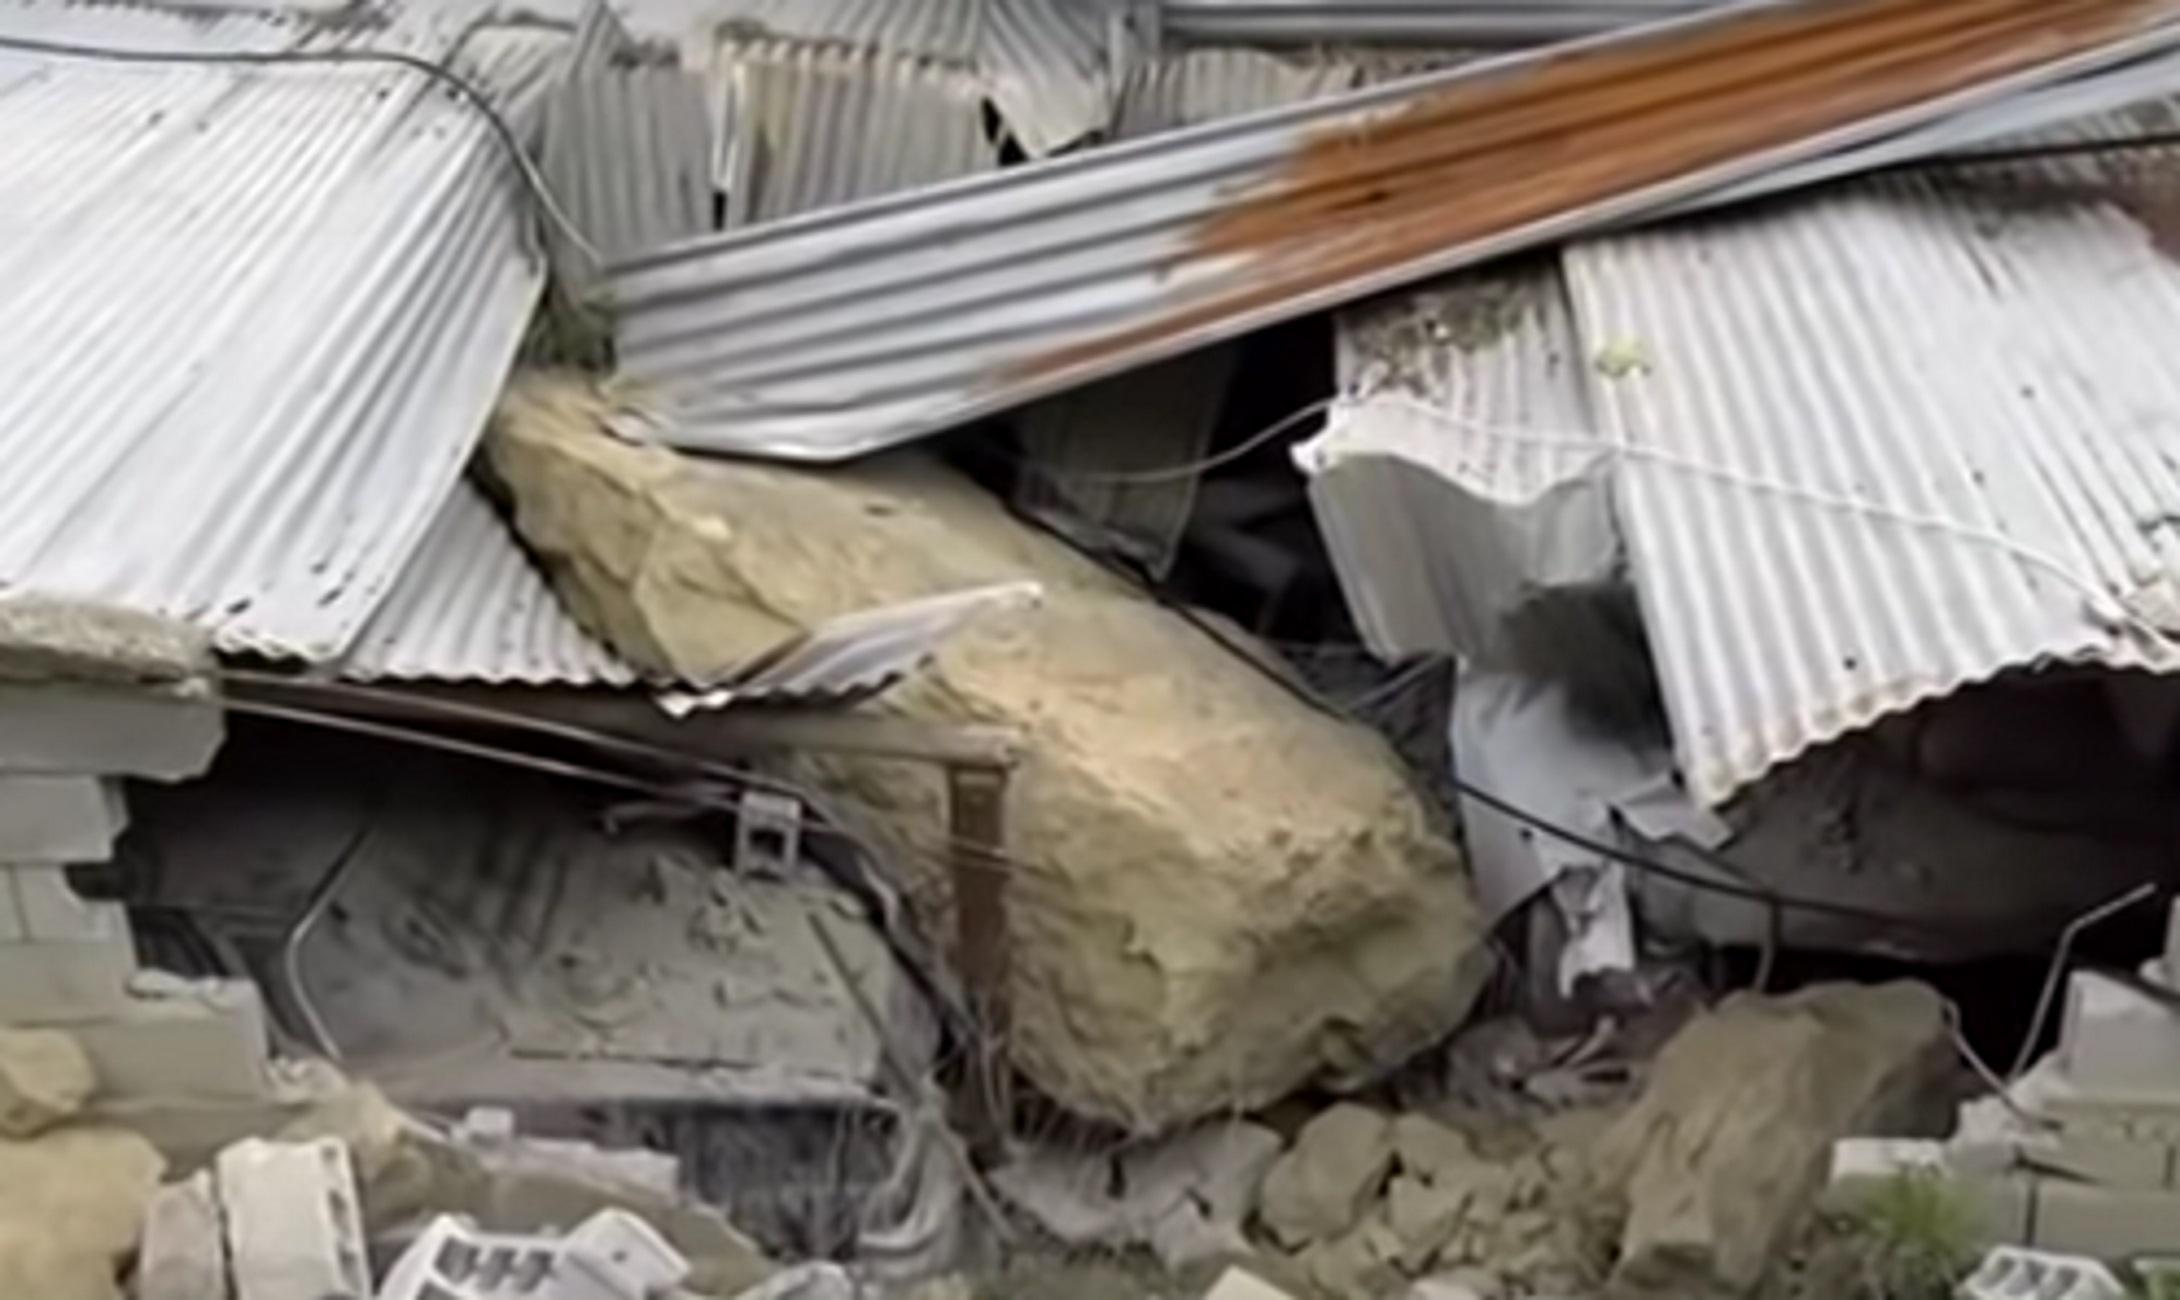 Ηράκλειο: Τεράστιος βράχος προκάλεσε ζημιές και πανικό! Η κηδεία που έσωσε την οικογένεια [video]